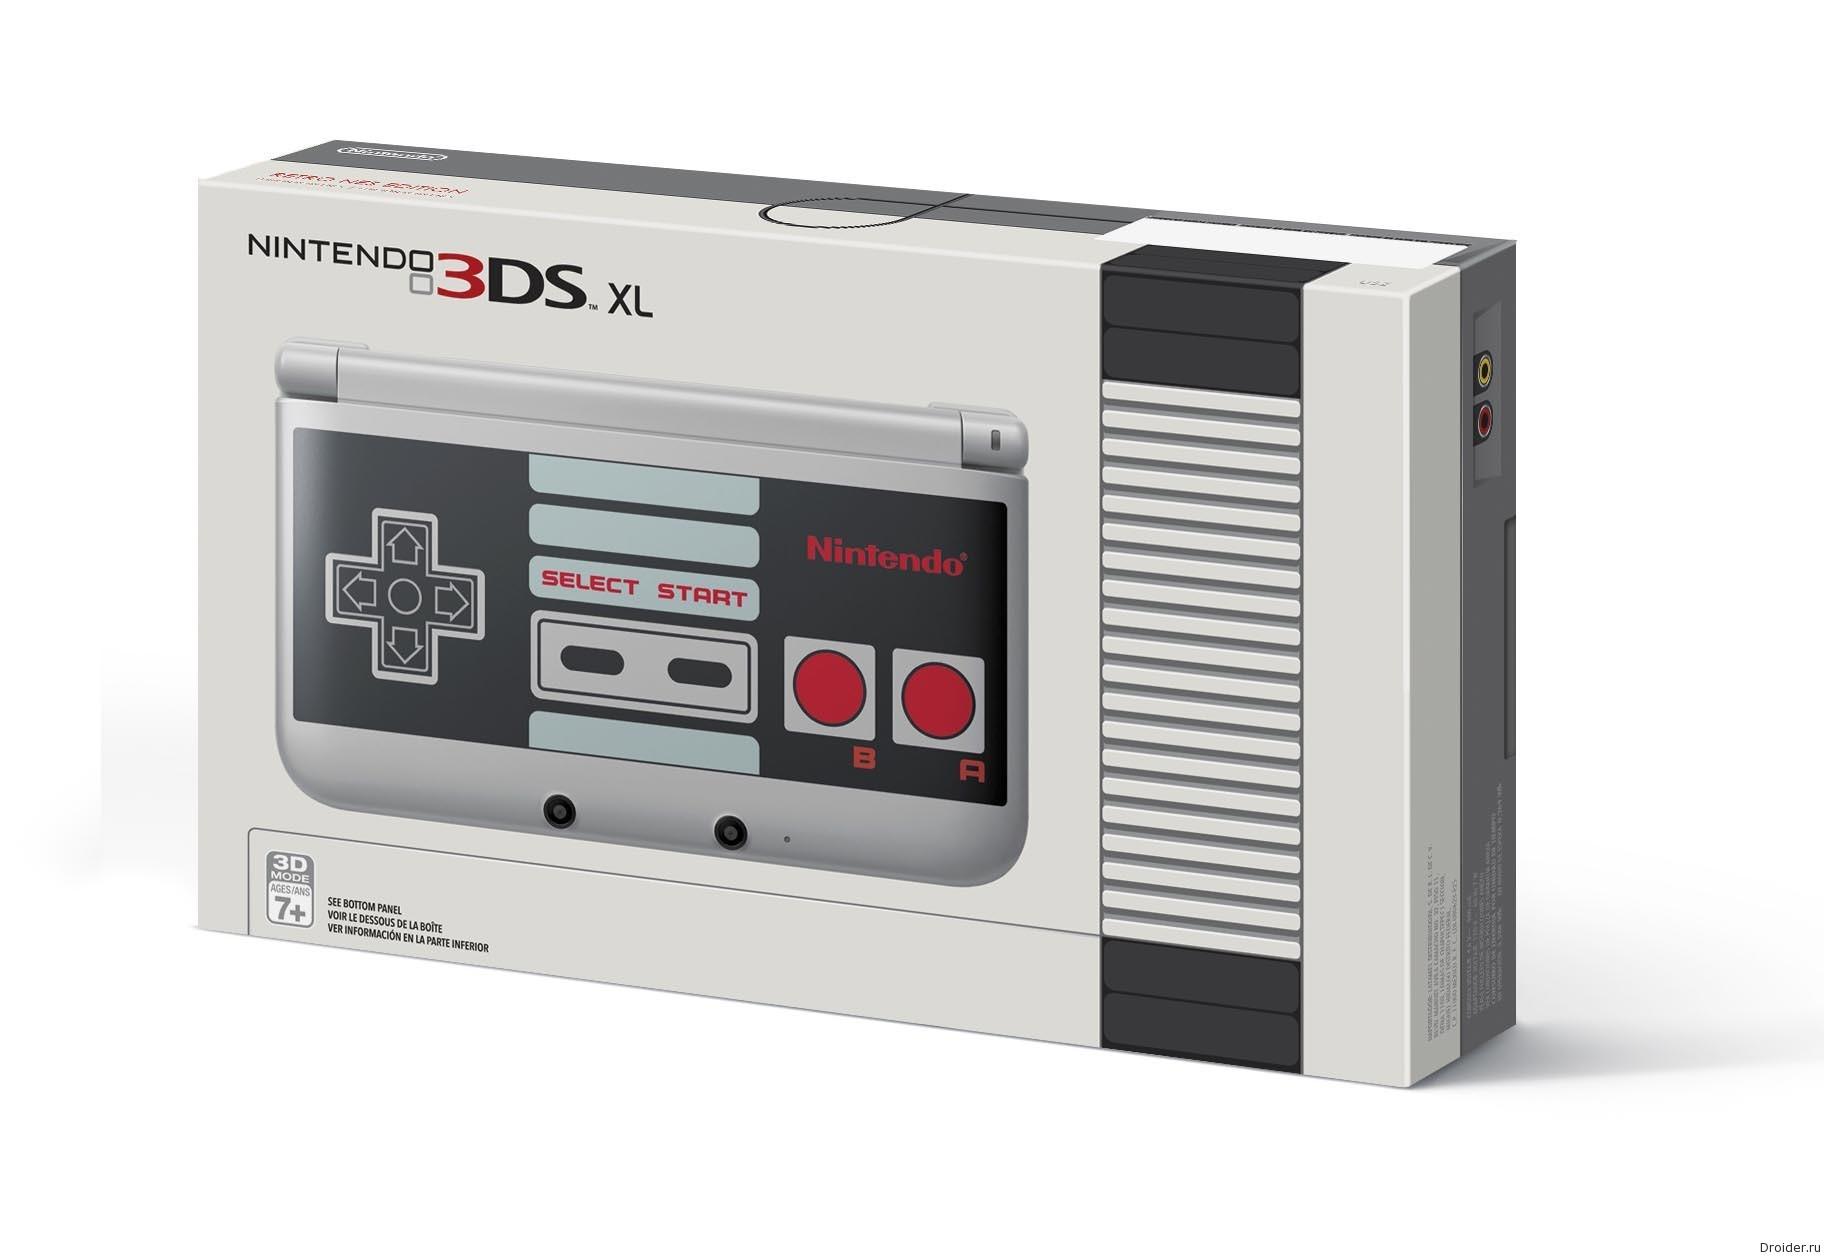 Бокс консоли 3DS XL от Nintendo в дизайне NES Edition